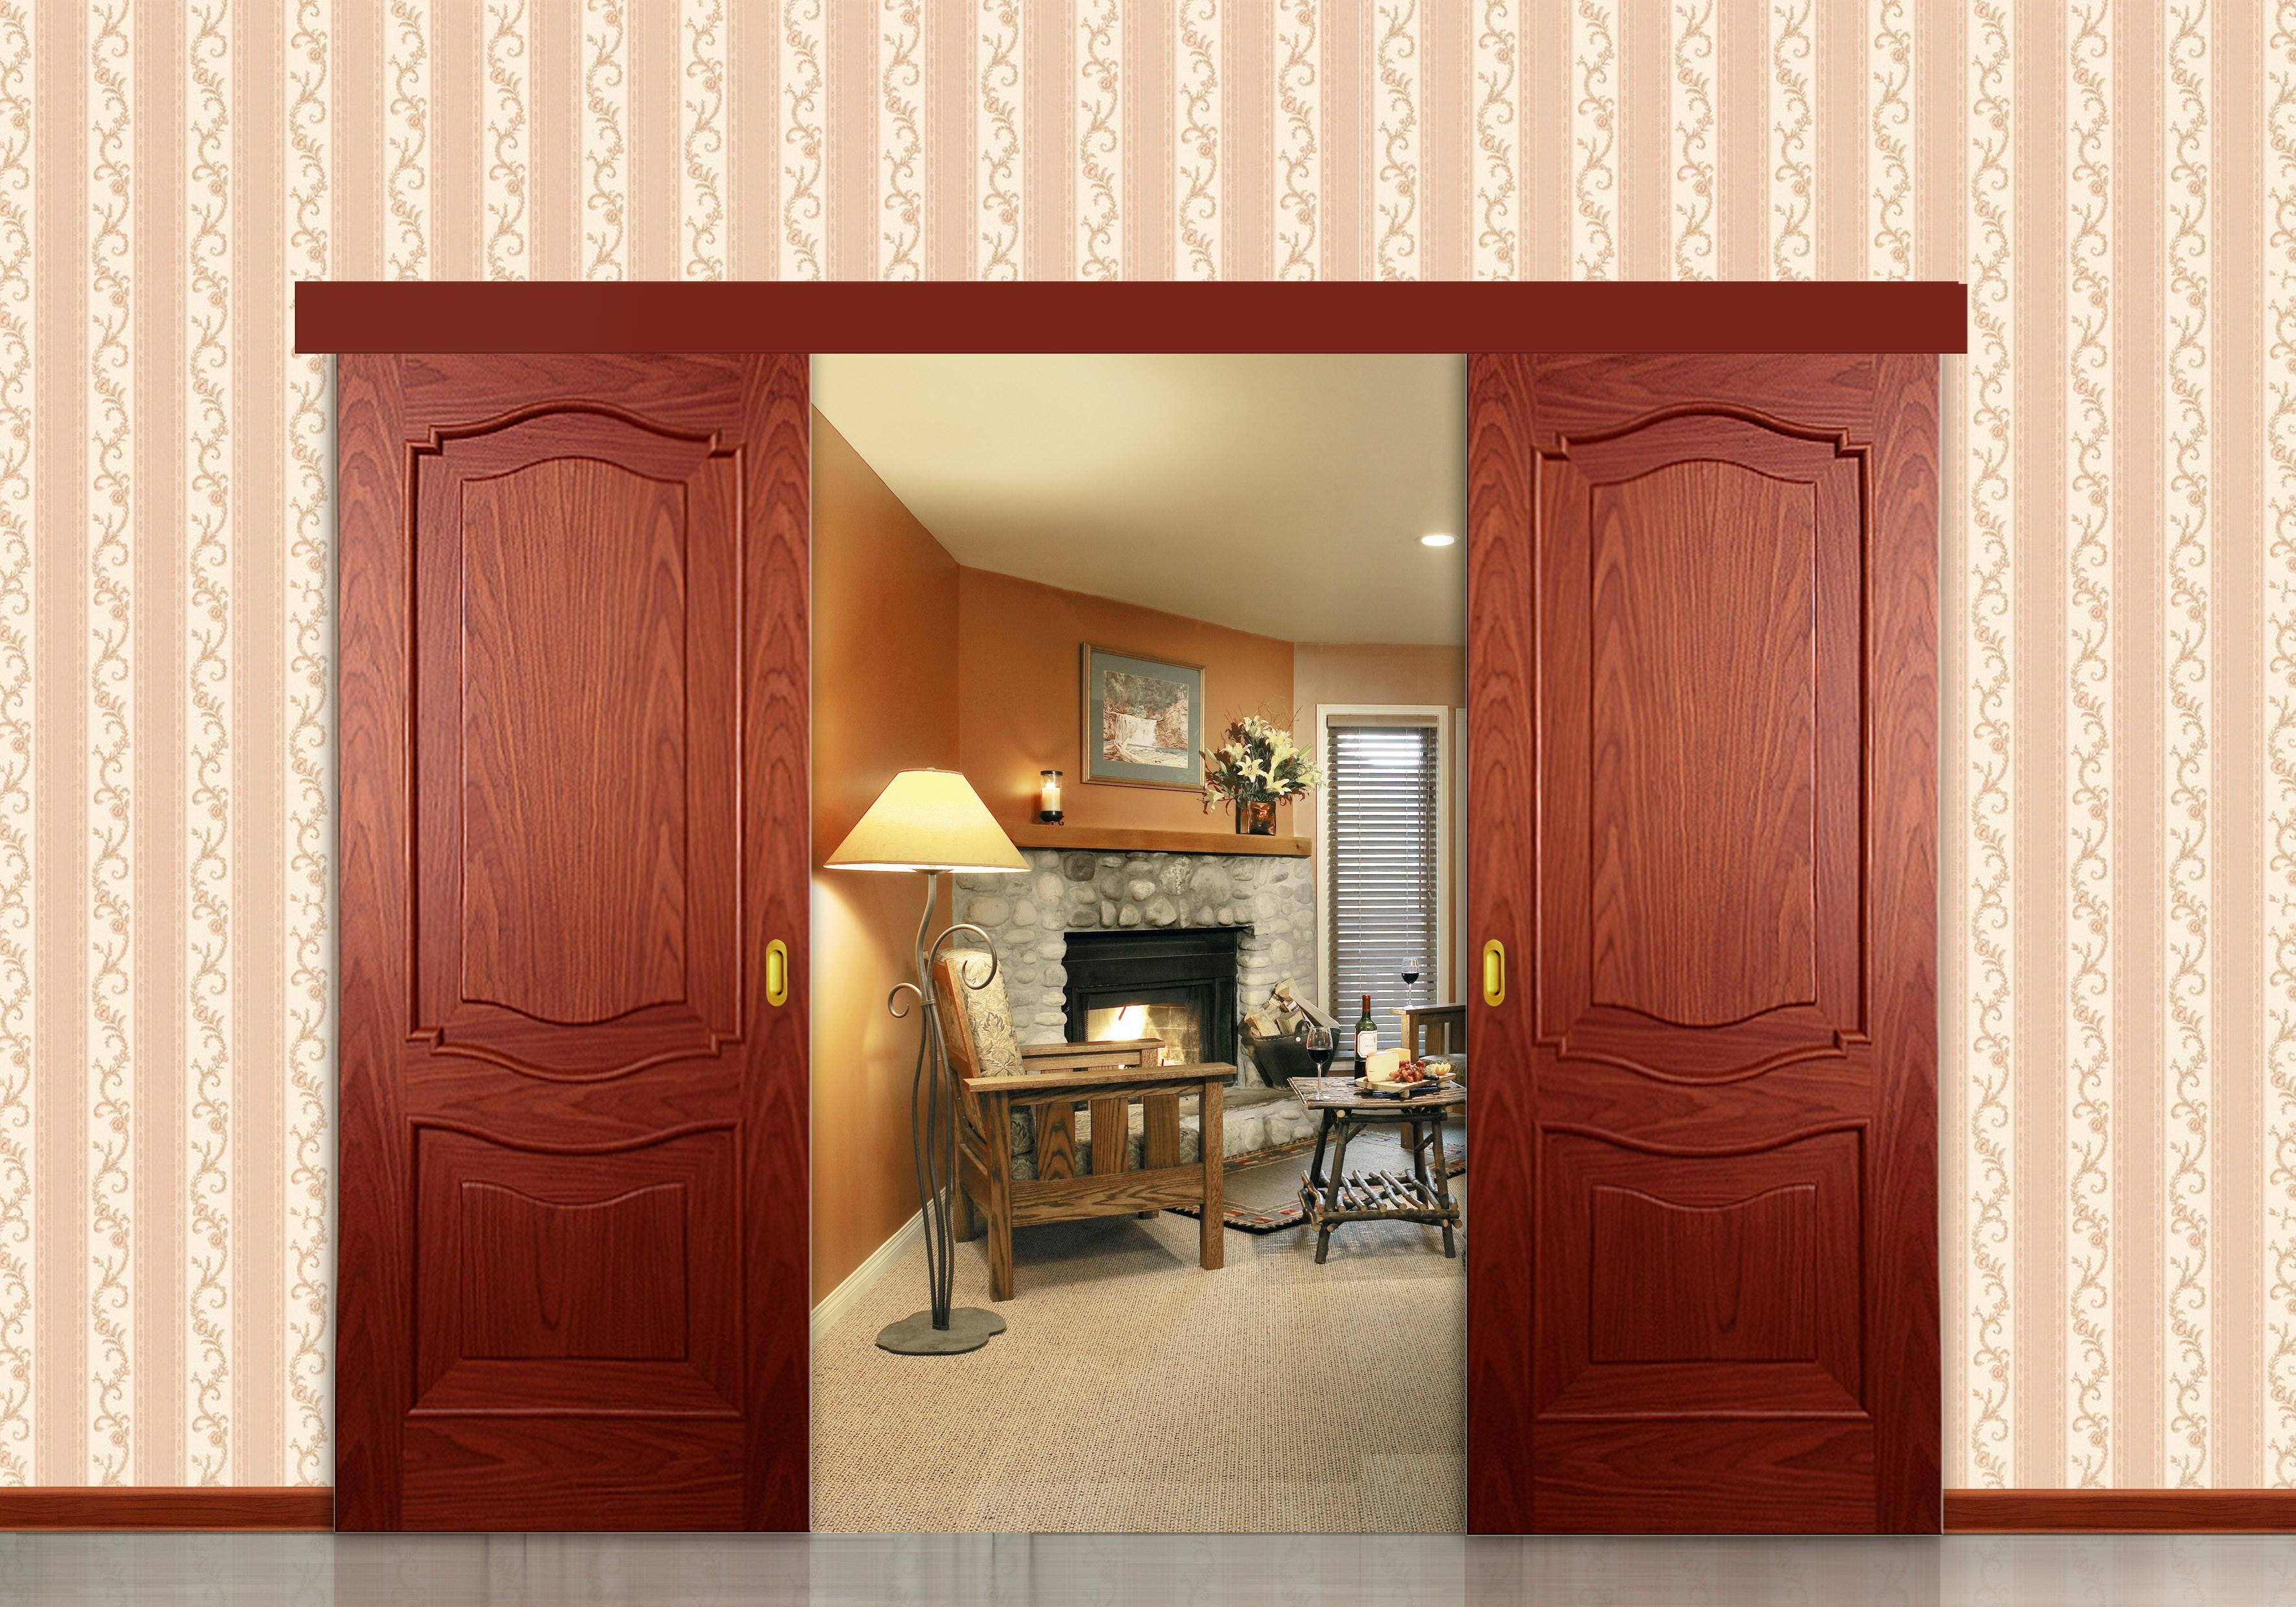 أشكال أبواب جرارة داخل المنزل ـ باب جرار خشب كبير قطعتين